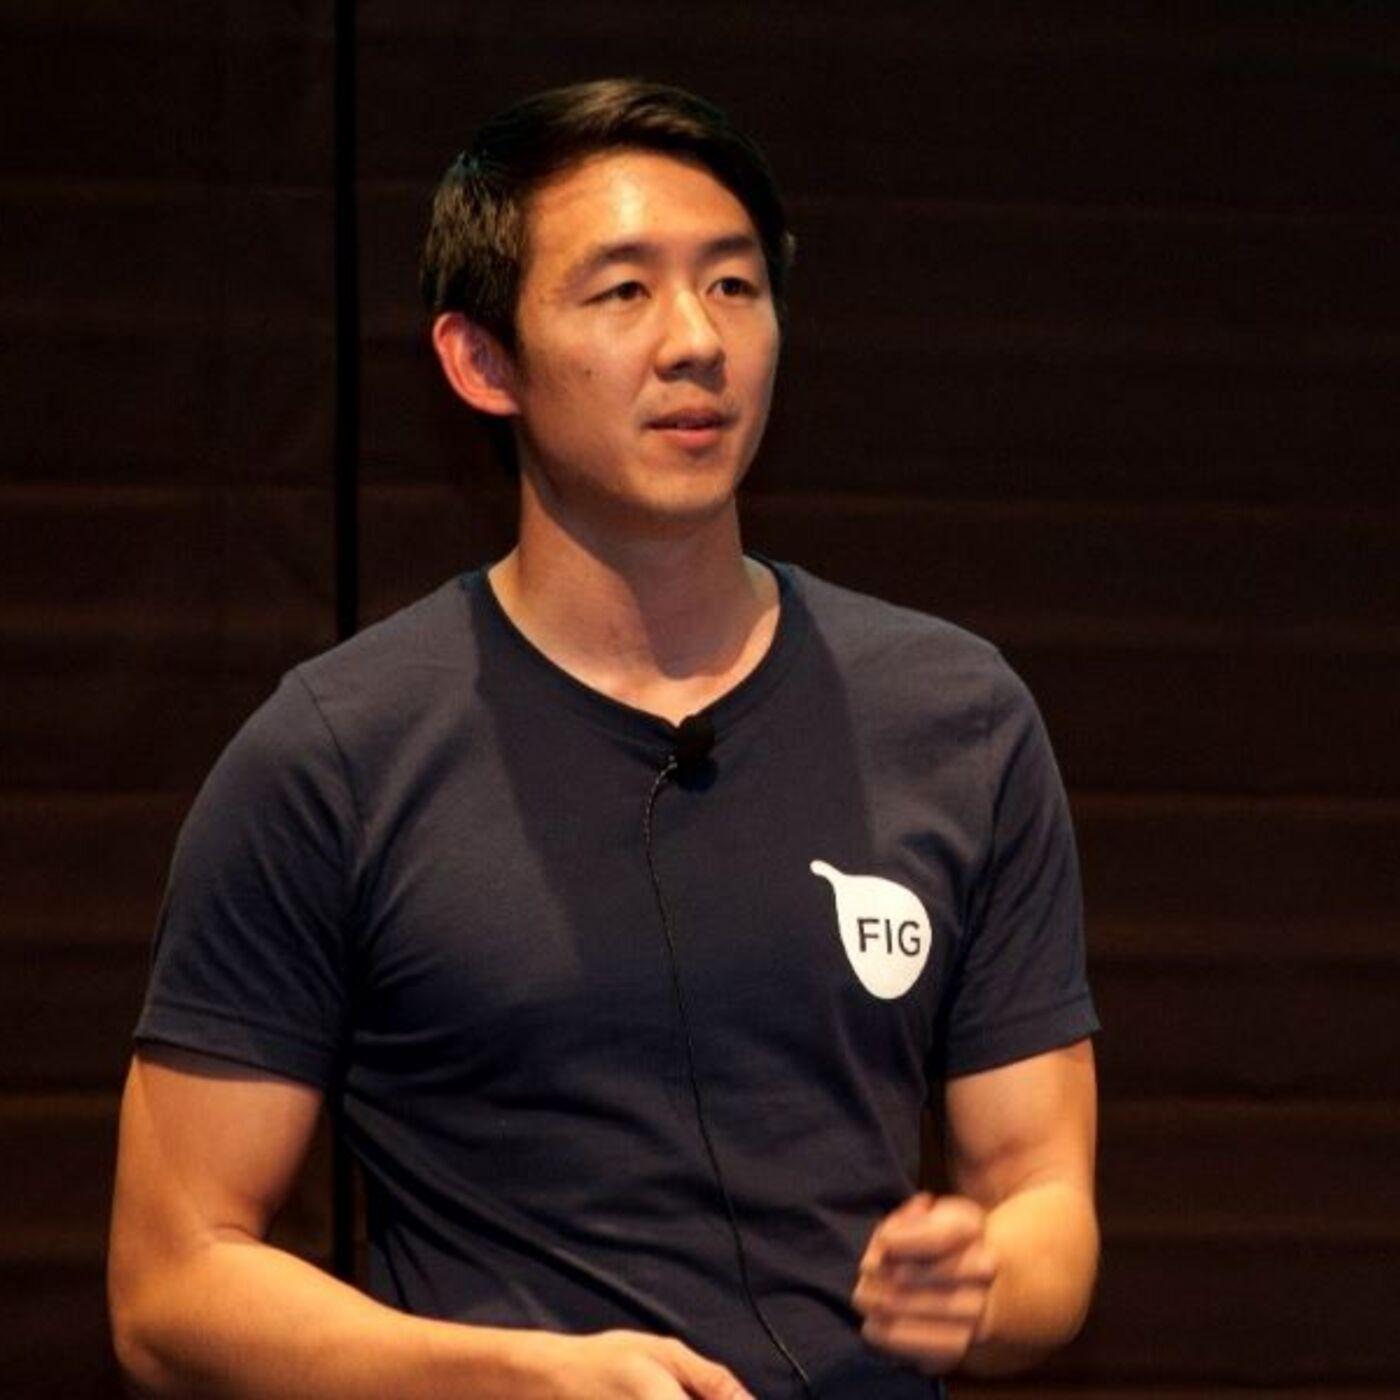 Jeff Zhou of Fig Loans